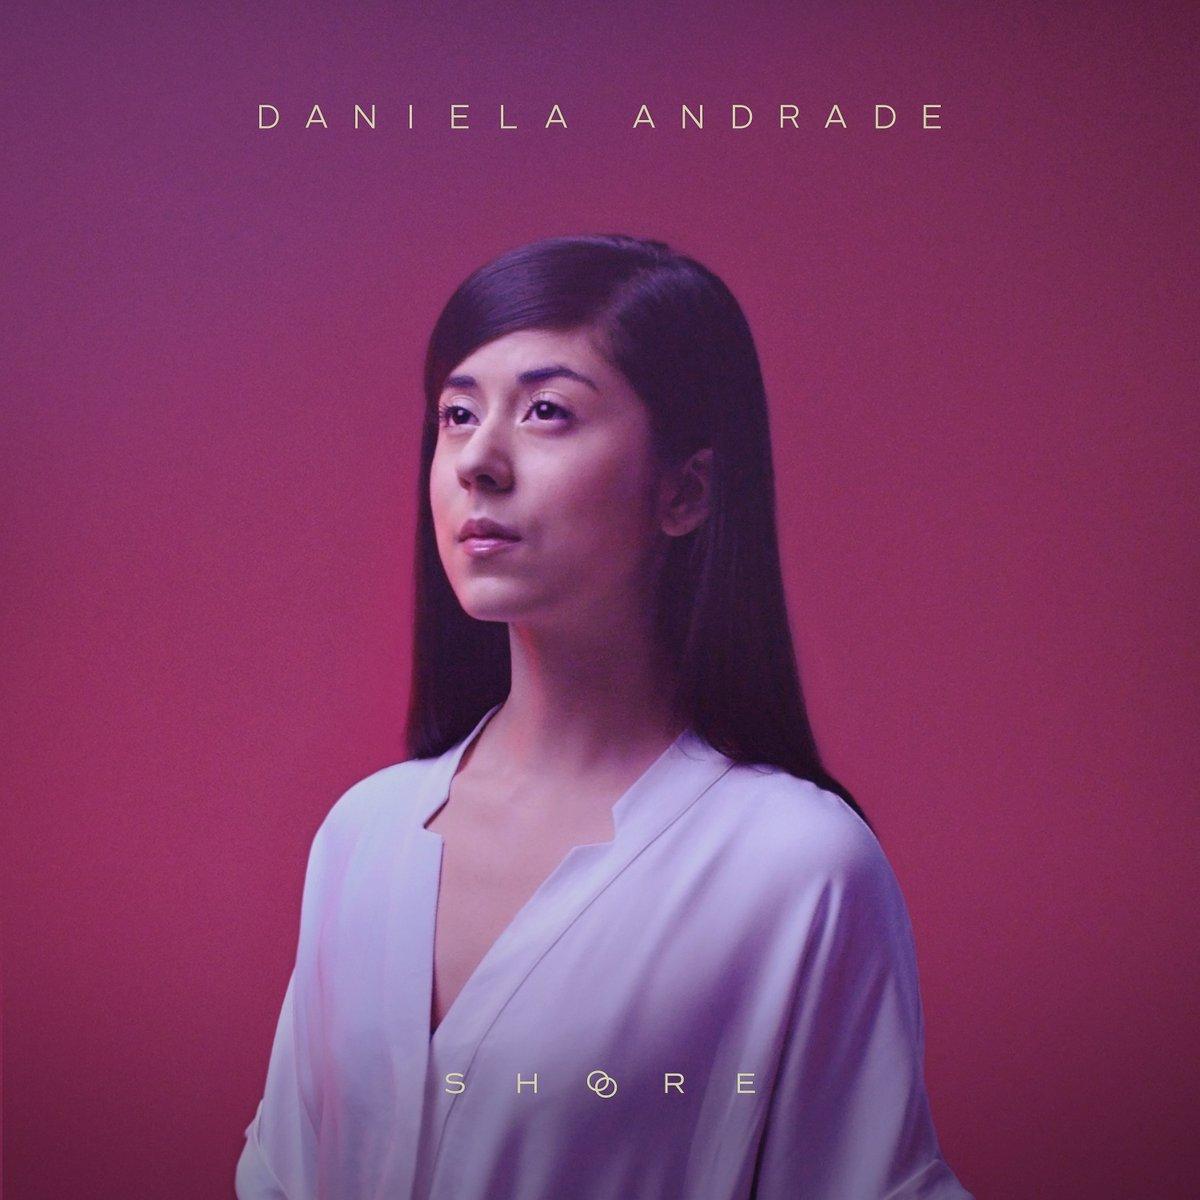 ENT_DanielaAndrade_Shore